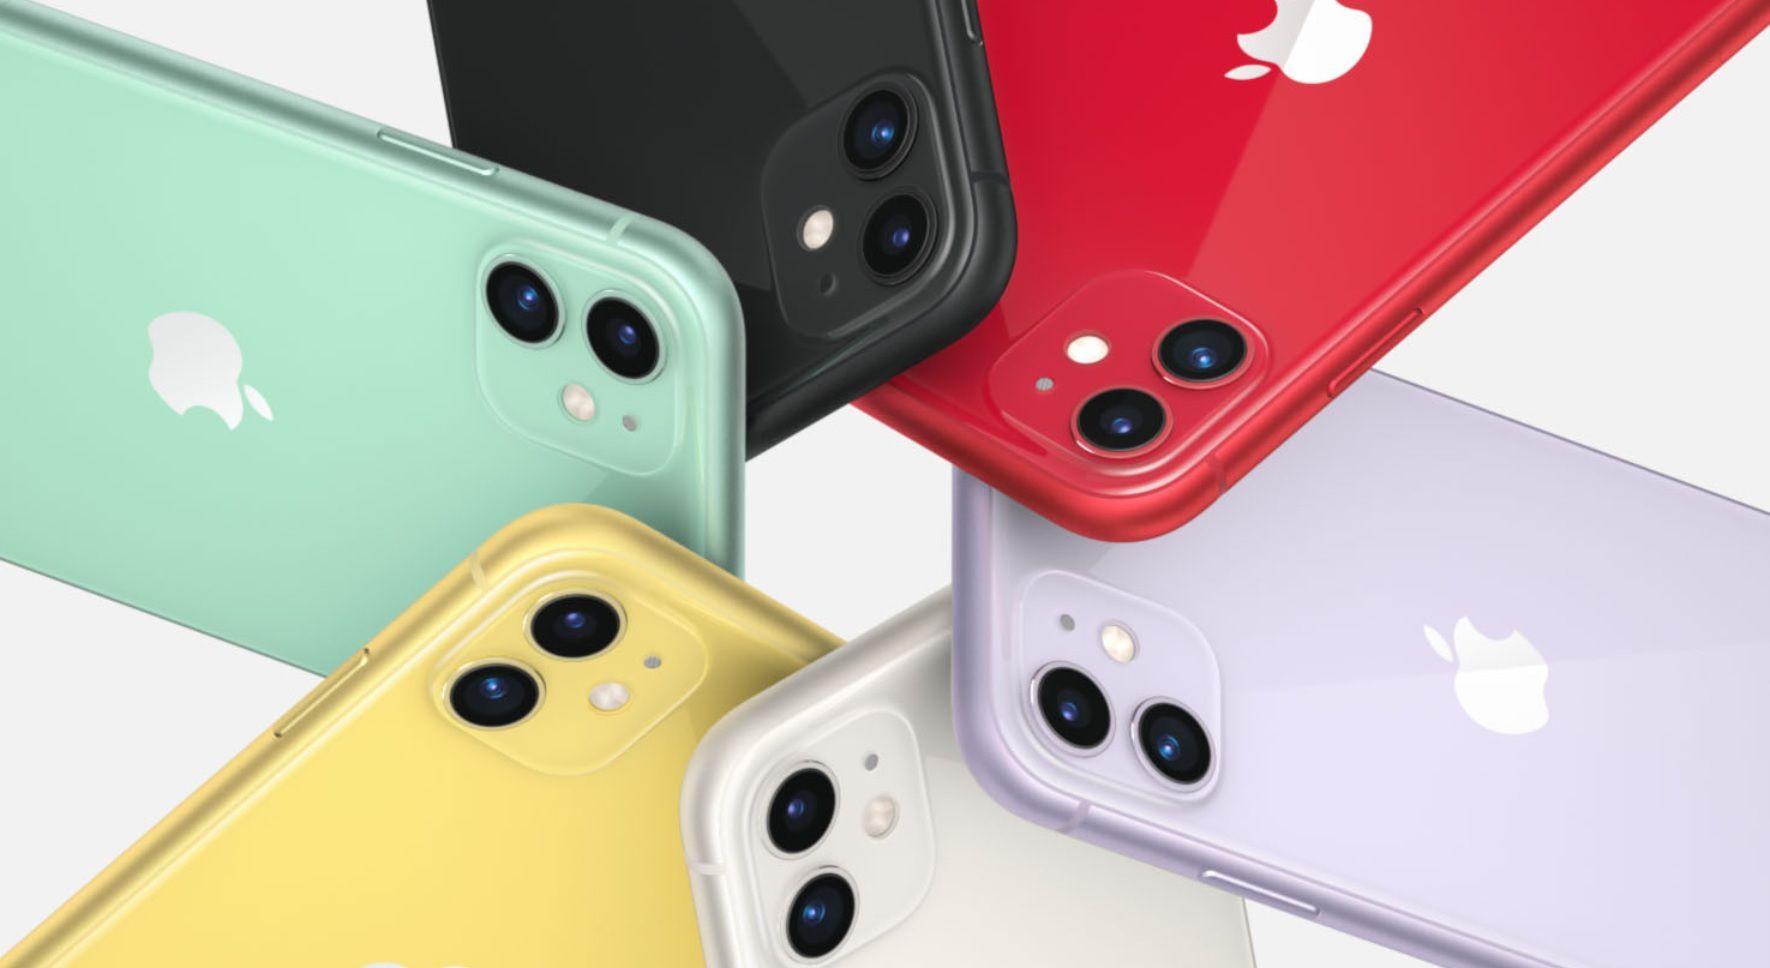 El próximo iPhone sería compatible con 5G e integraría un sistema de reconocimiento facial más avanzado.